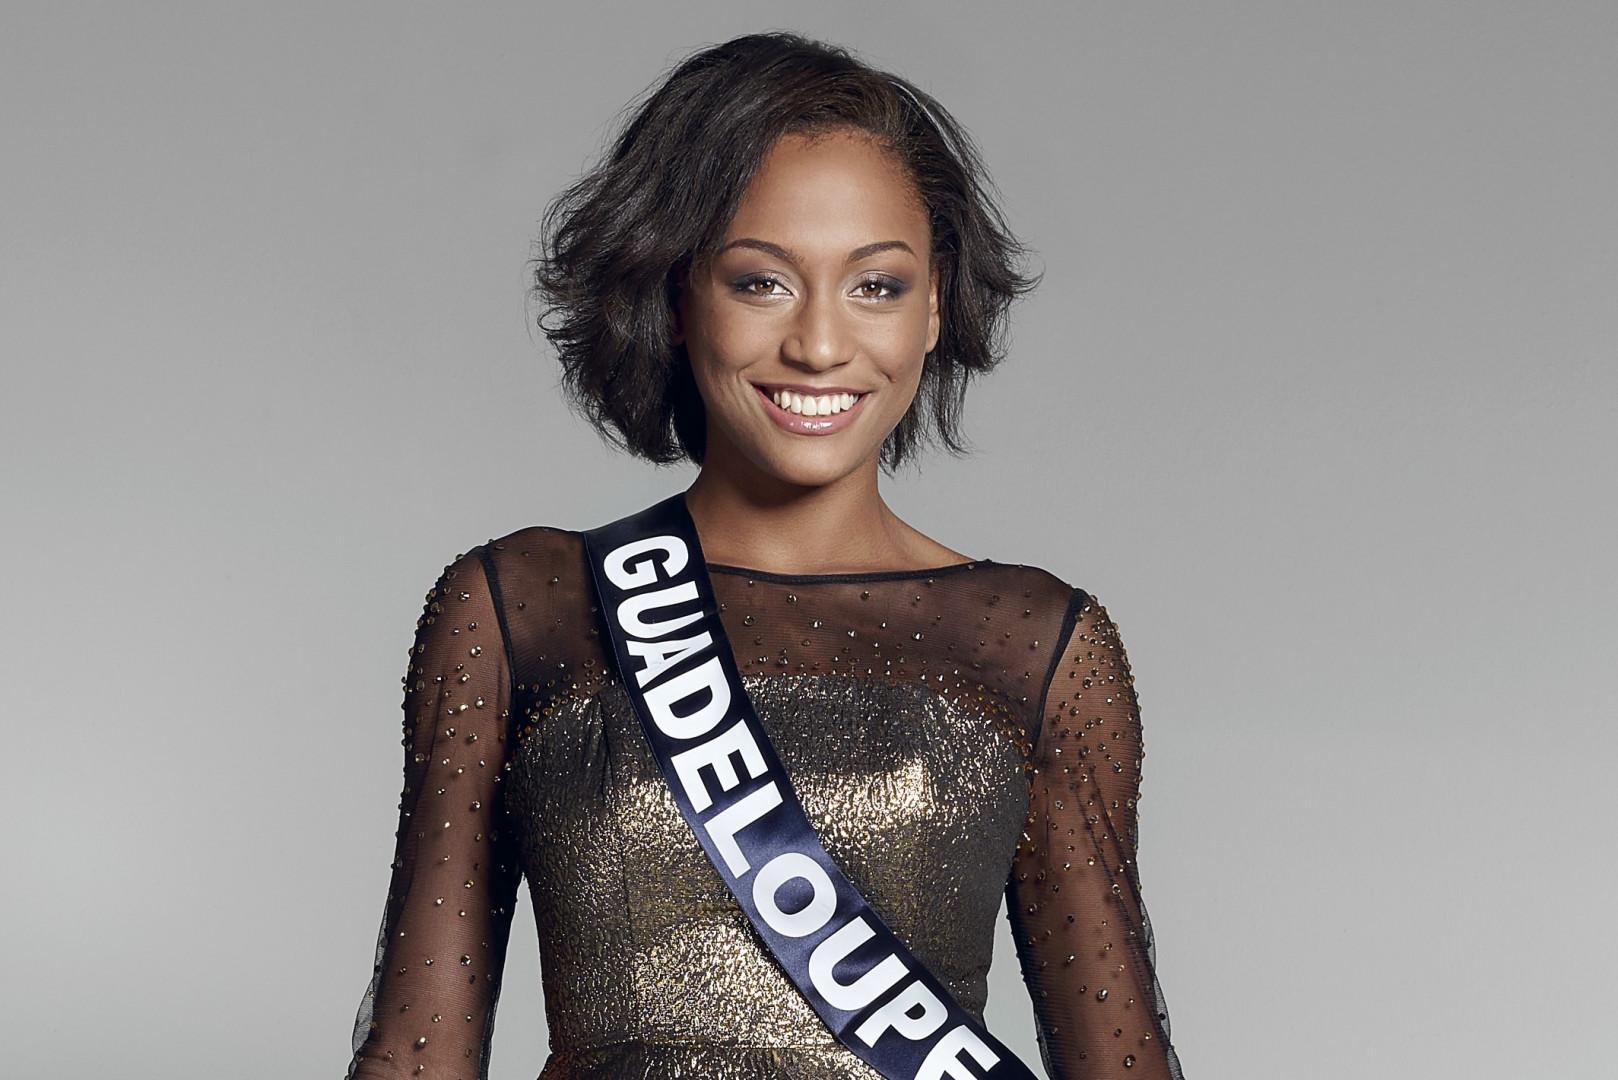 Morgane Thérésine, jolie Miss Guadeloupe